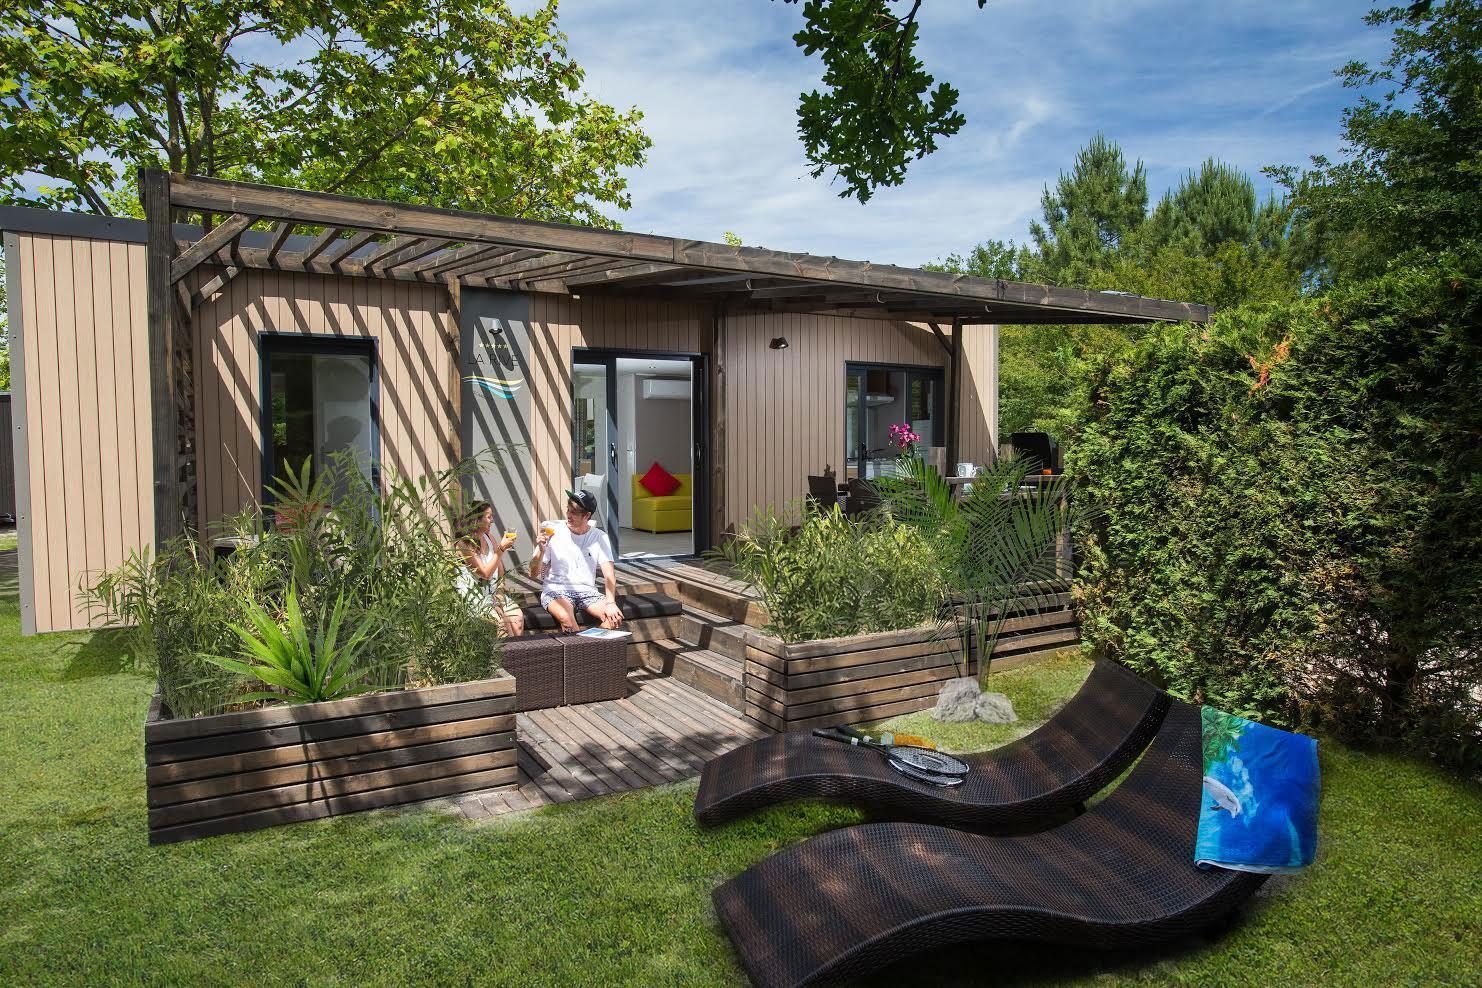 Location - Mobil Home Ciela Prestige Evasion - 36M² -1 Suite Parentale- 1 Chambre- 2 Salles De Bain - Climatisation Réversible,  Tv Et Lave Vaisselle- Draps Inclus - Camping Resort La Rive